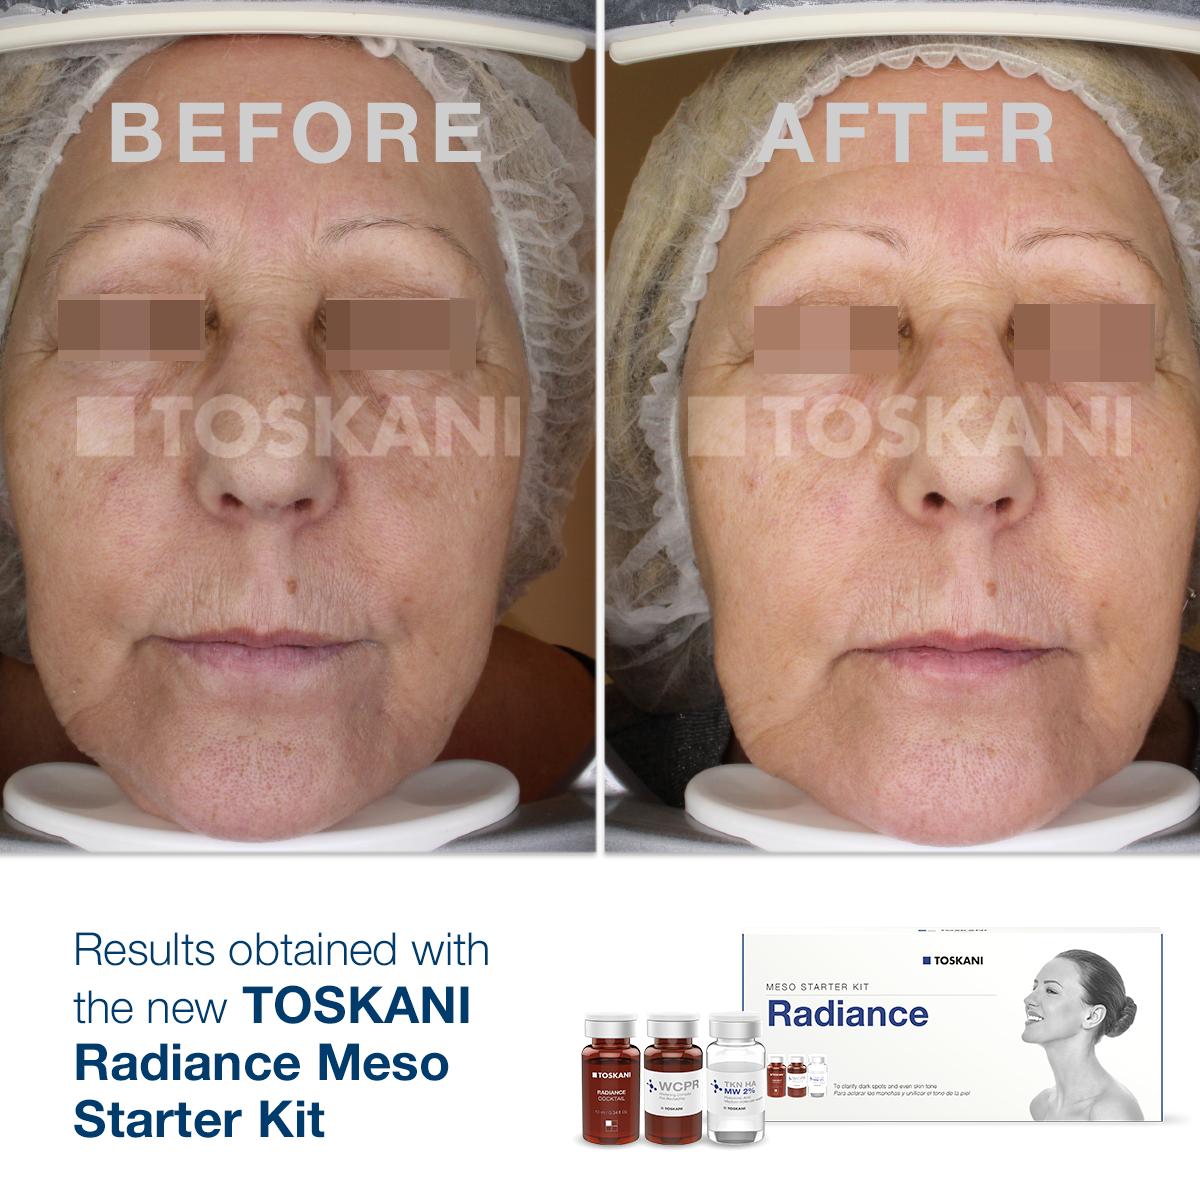 TKN_StarterKit_Radiance4_before-after